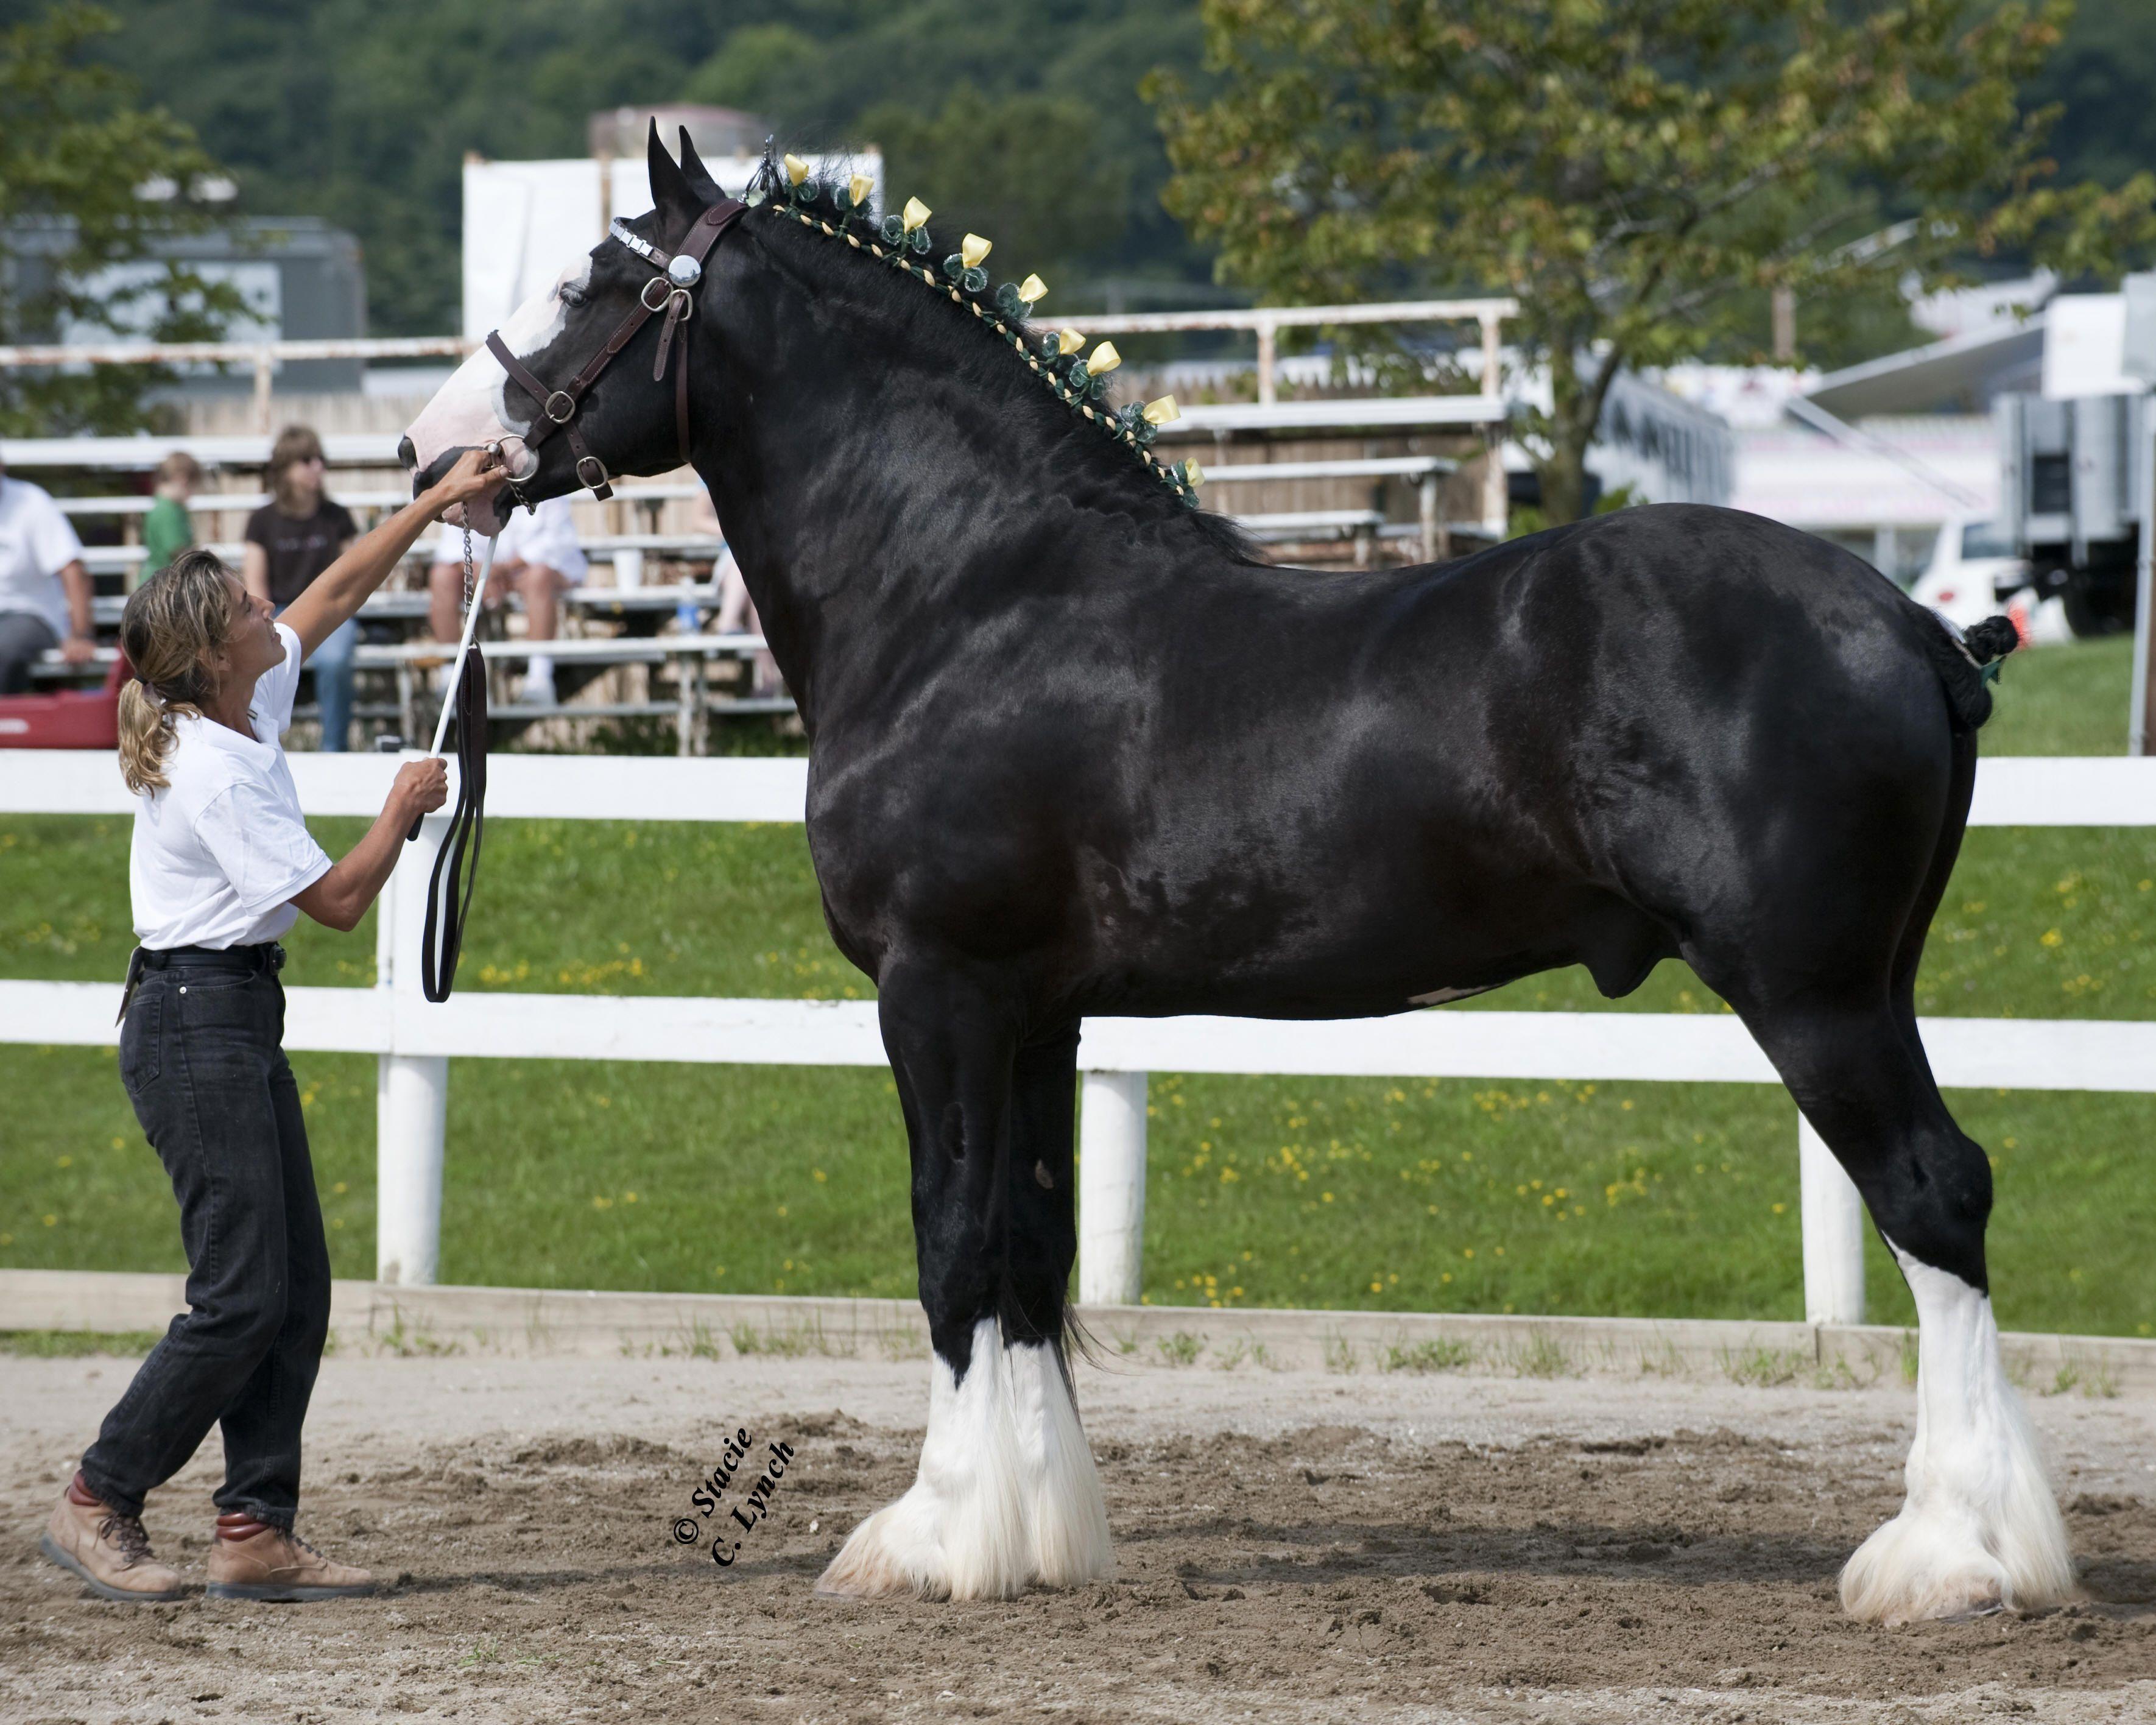 картинки с тяжеловозами лошадьми железы хорошо